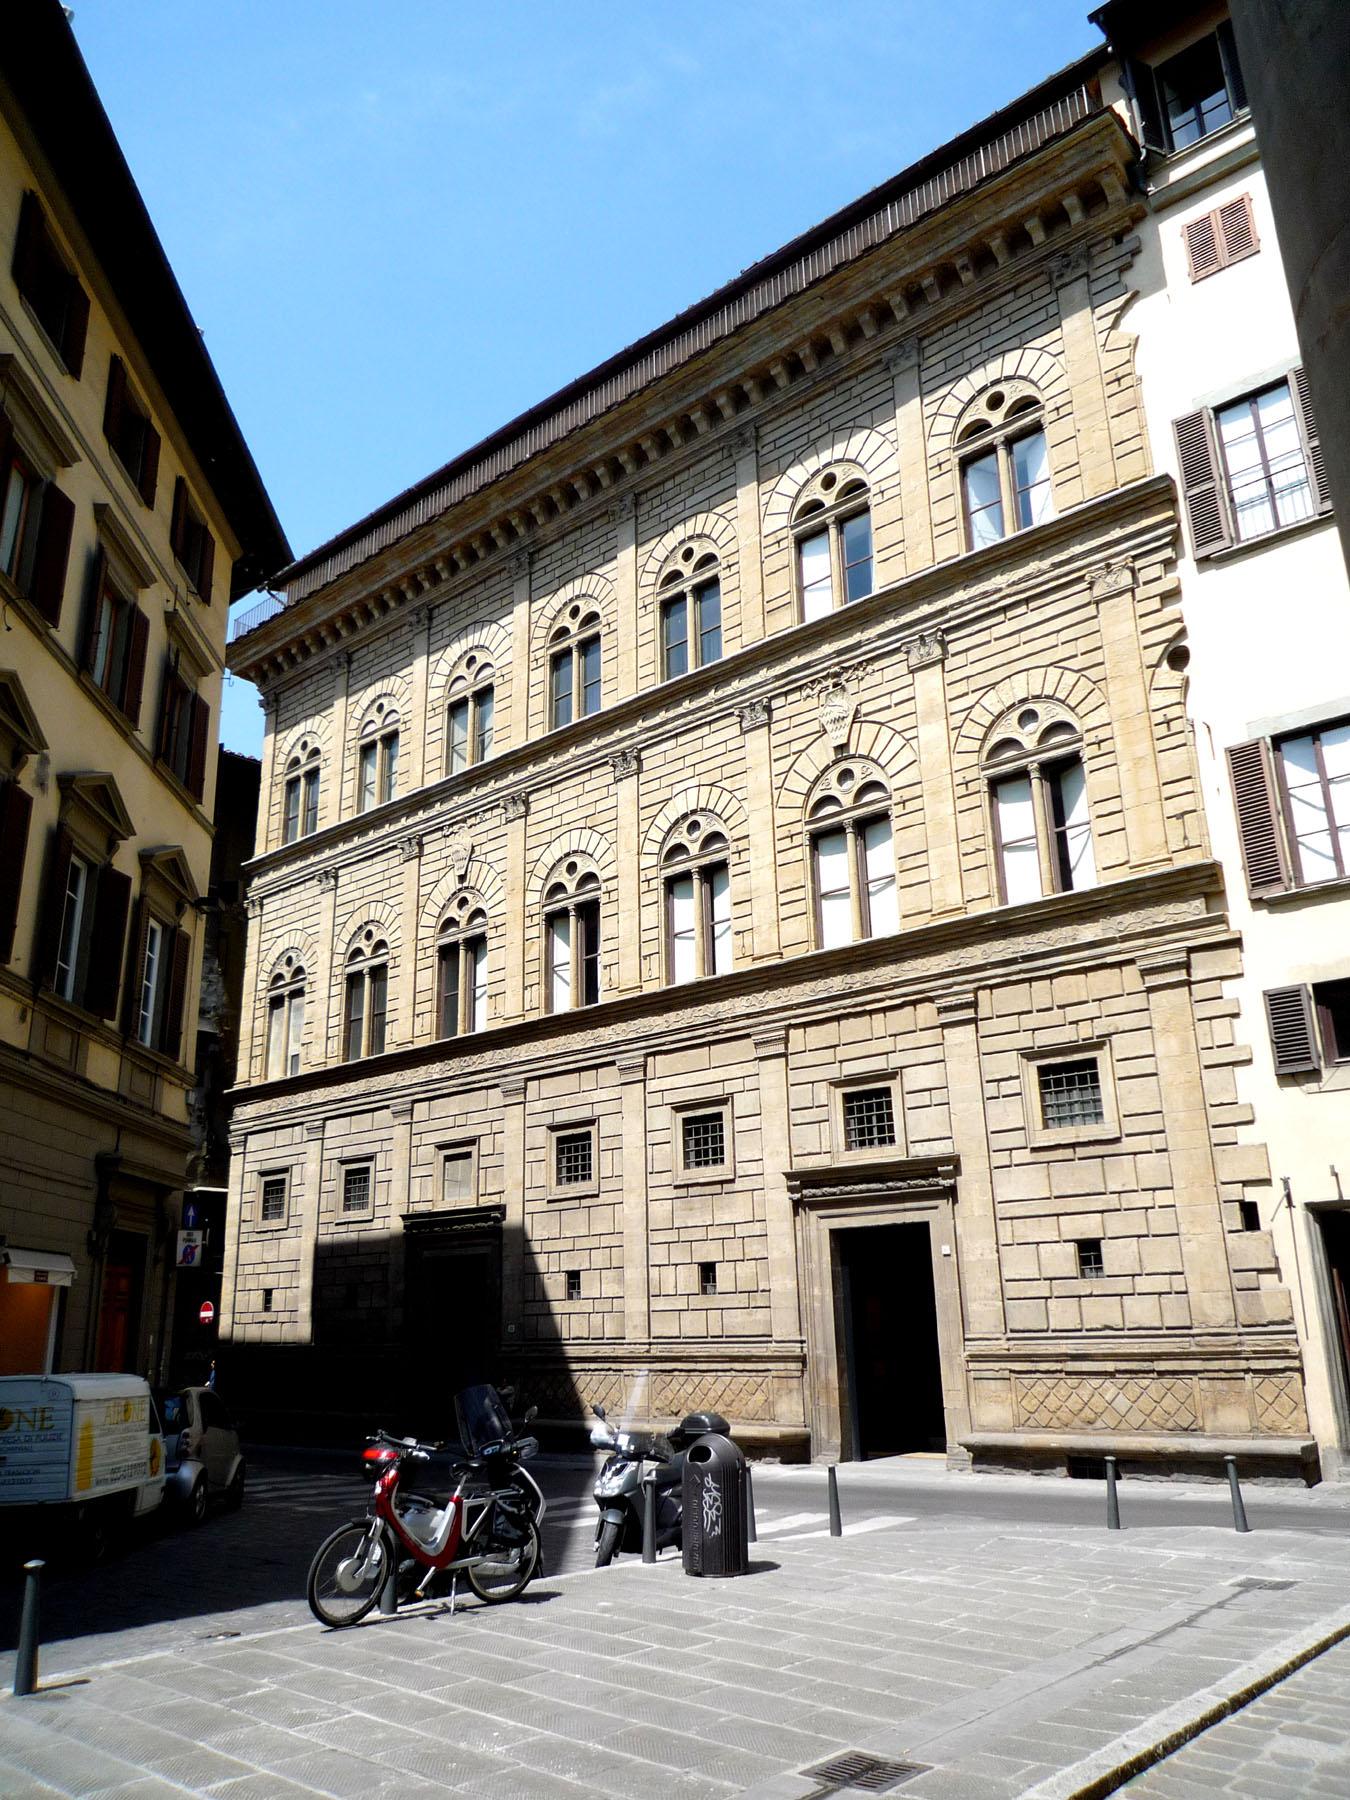 Palazzo rucellai the rucellai family home by alberti arttravarttrav - I giardini di palazzo rucellai ...